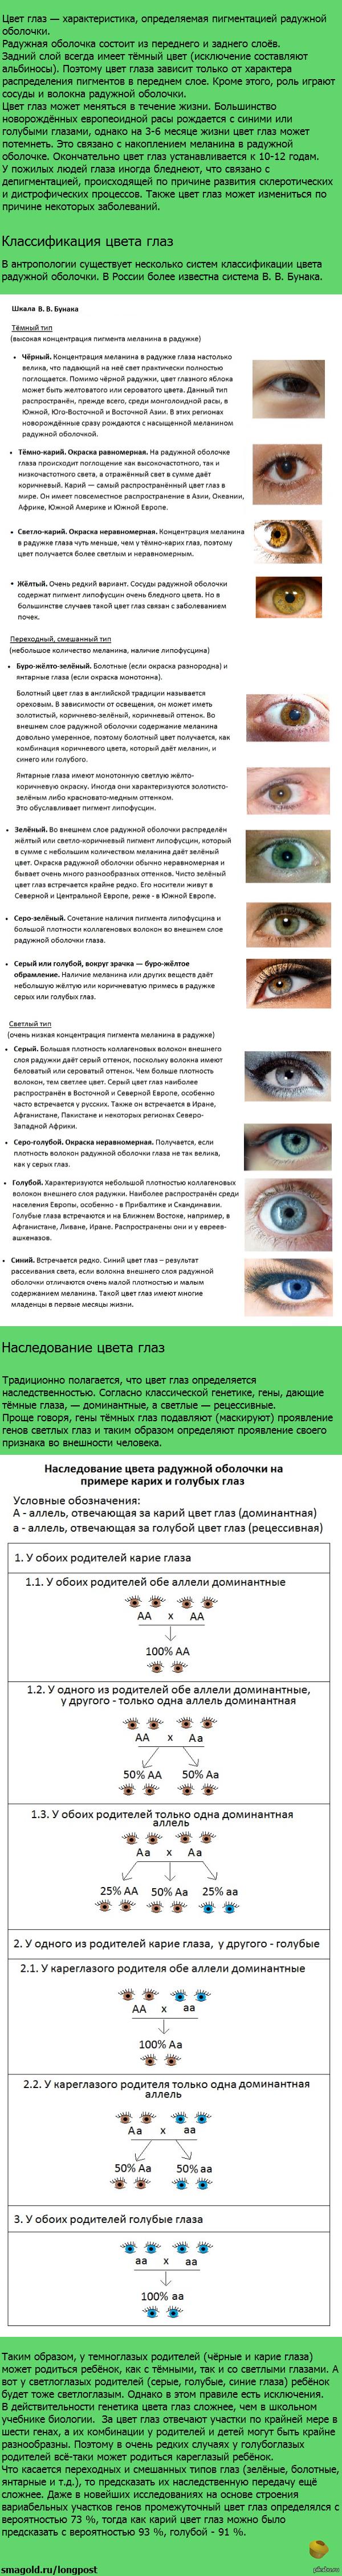 Когда меняется цвет глаз у ребенка: во сколько месяцев, отзывы